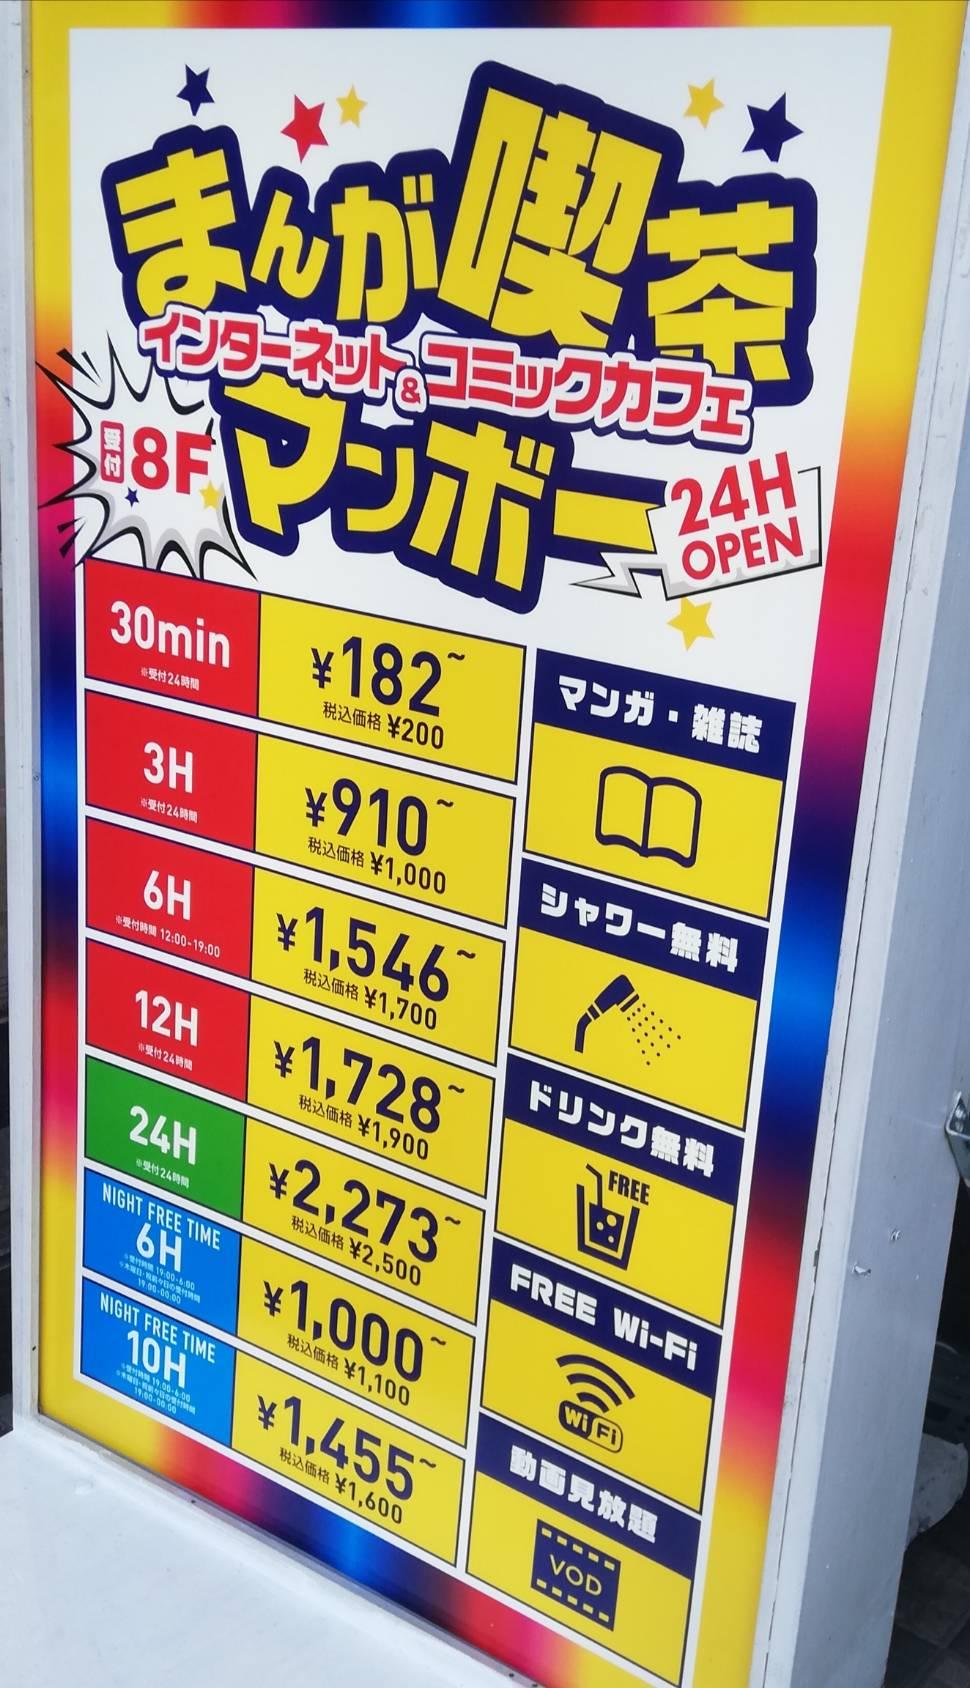 マンボー松戸東口店閉店漫画喫茶ネットカフェ